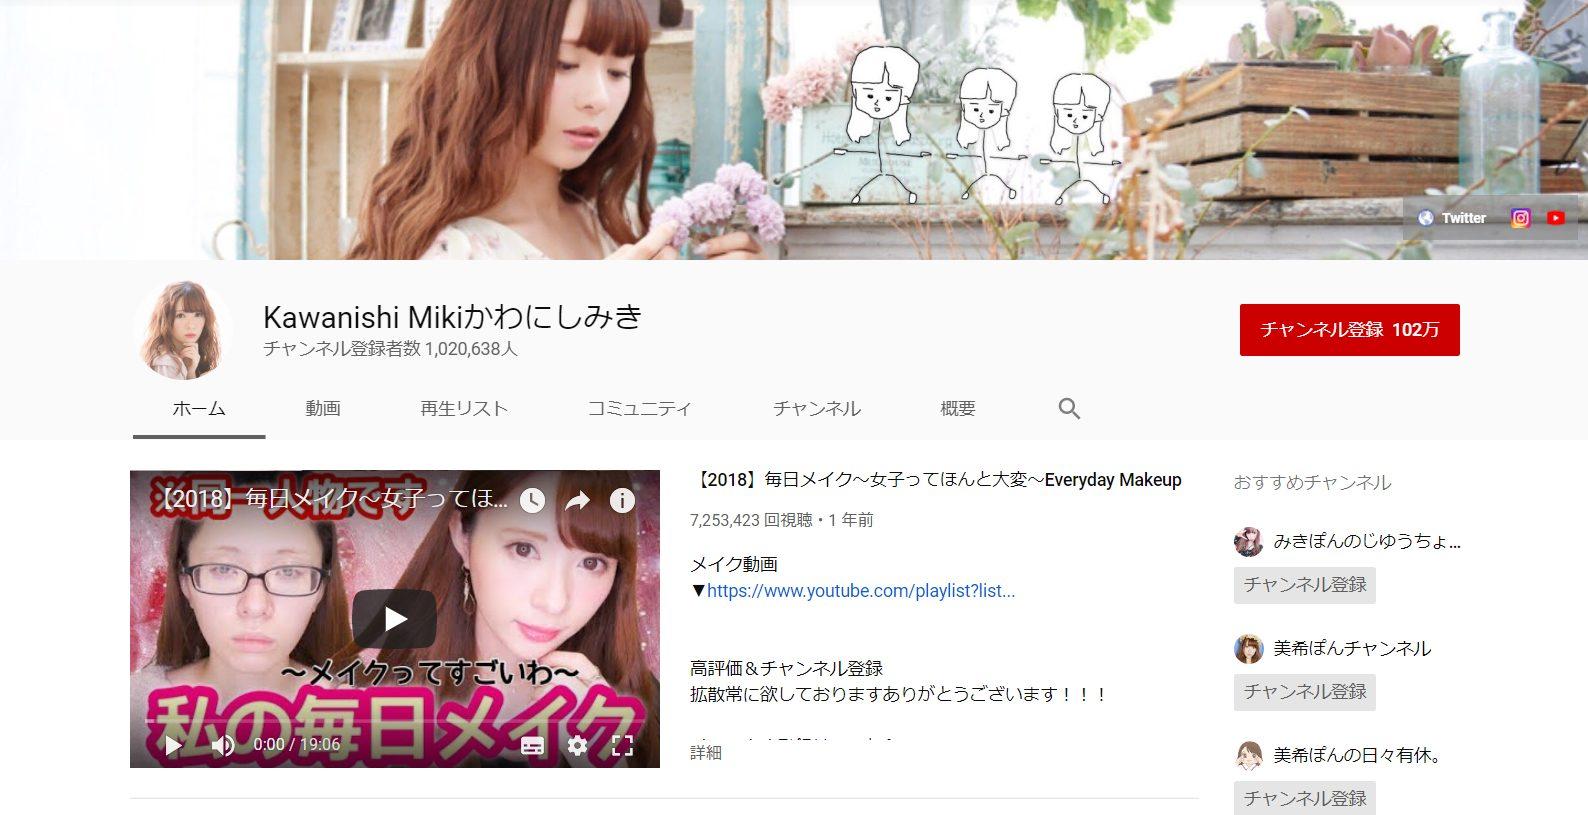 beauty-cosmetic-youtube-channel-kawanishi-miki